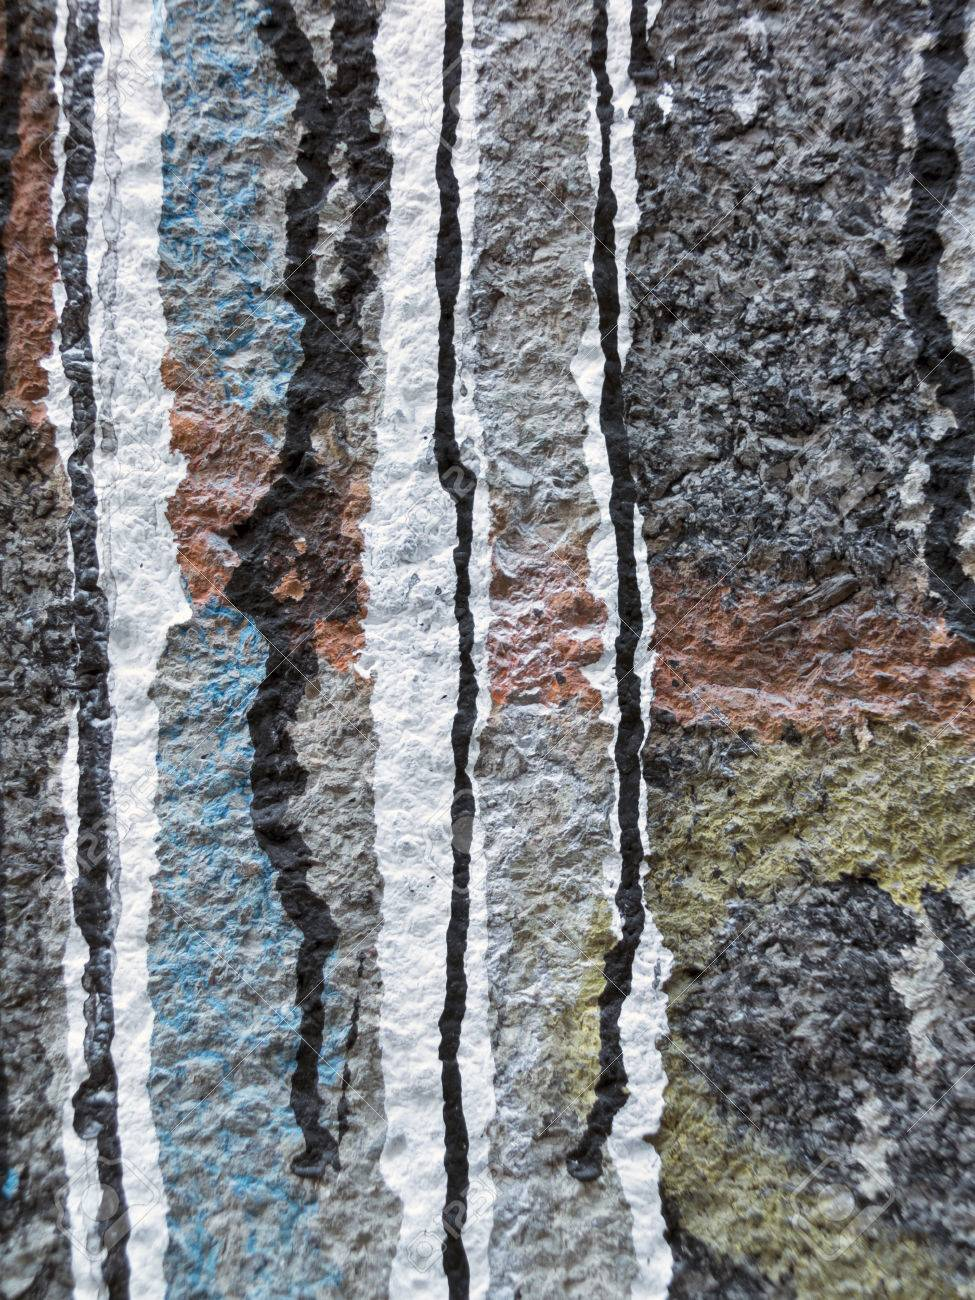 Versé Ruisselant Blanc Noir Rouge Orange Jaune Et Bleu Peinture Sur Un Mur Gris Abstrait Art Blanc